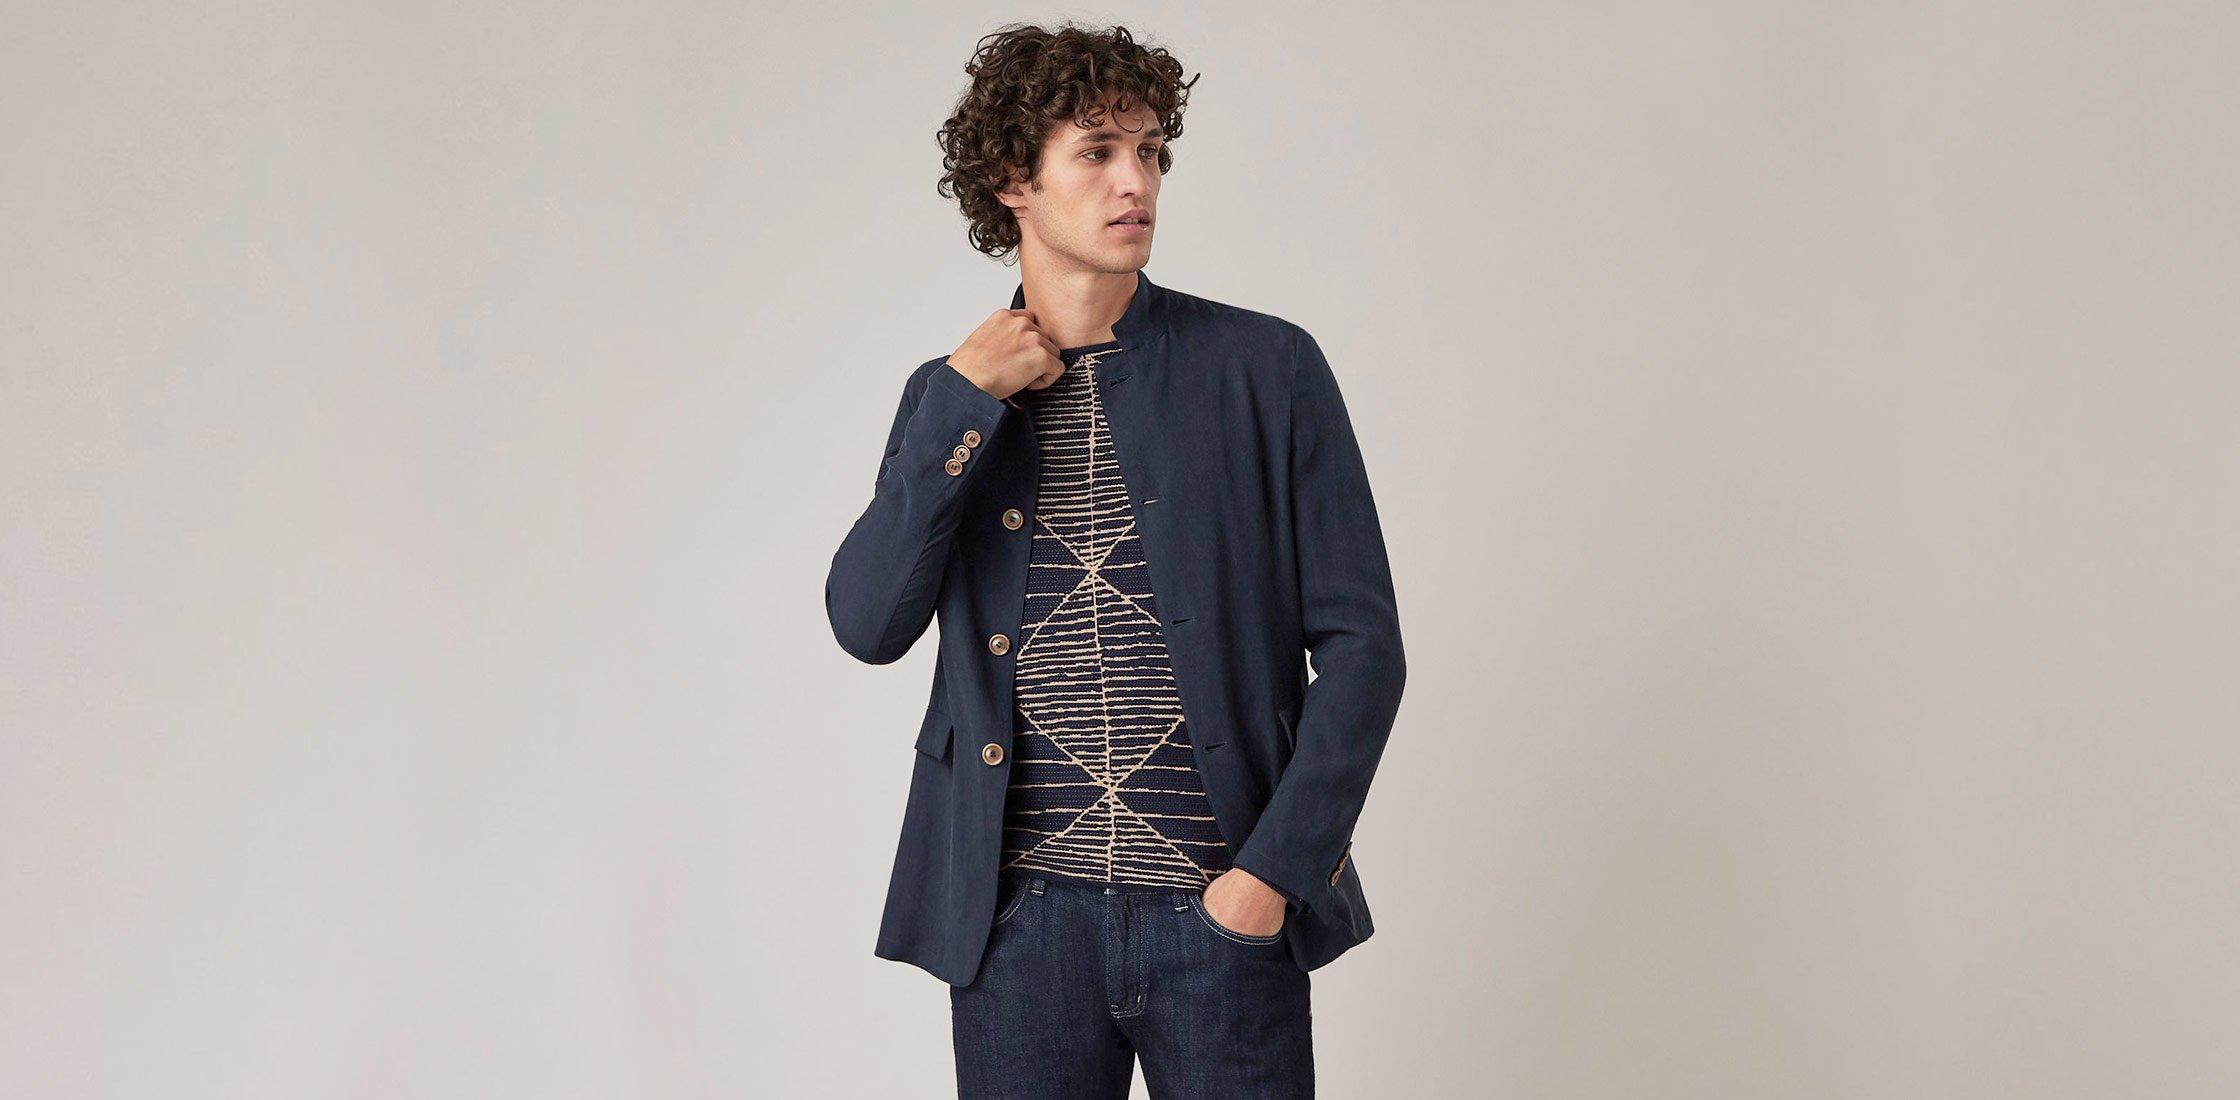 Модная идея: образы с пиджаком